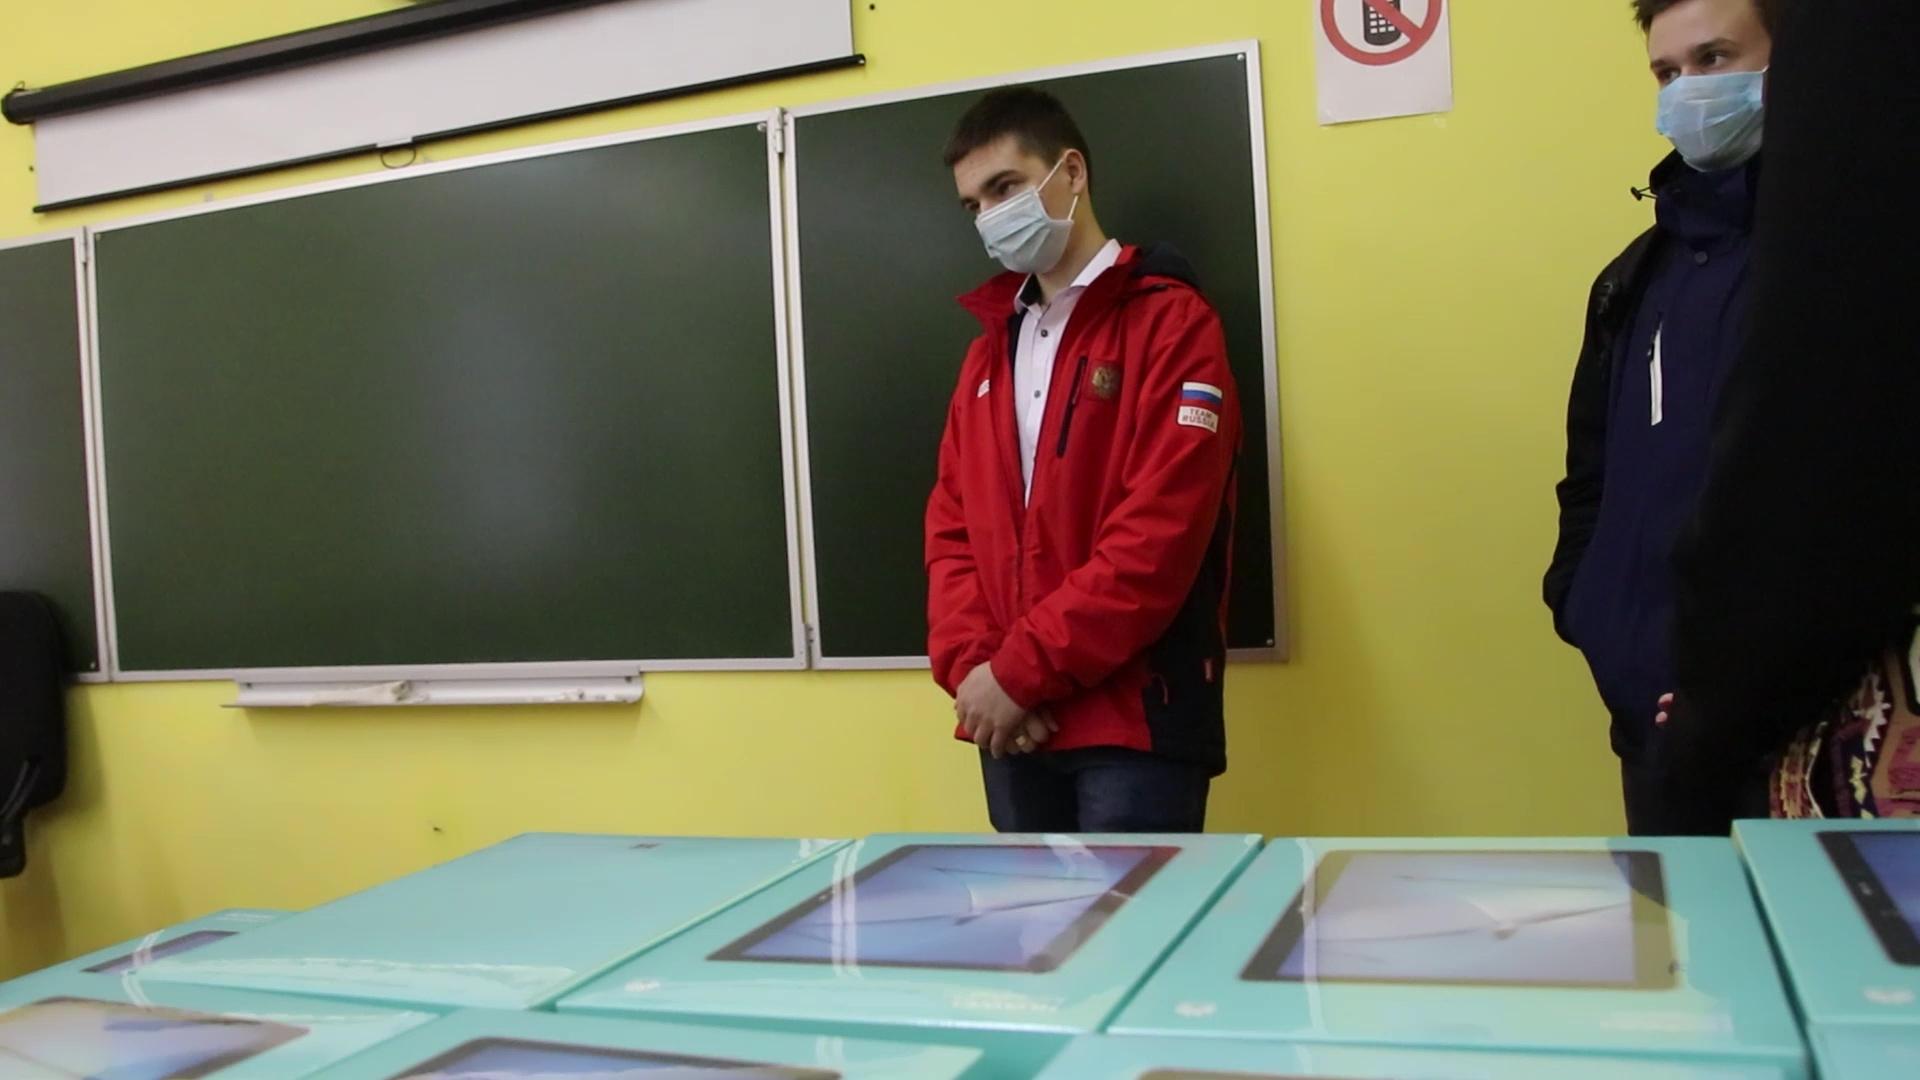 Ярославские школьники приступили к учебе с помощью выданных им планшетов